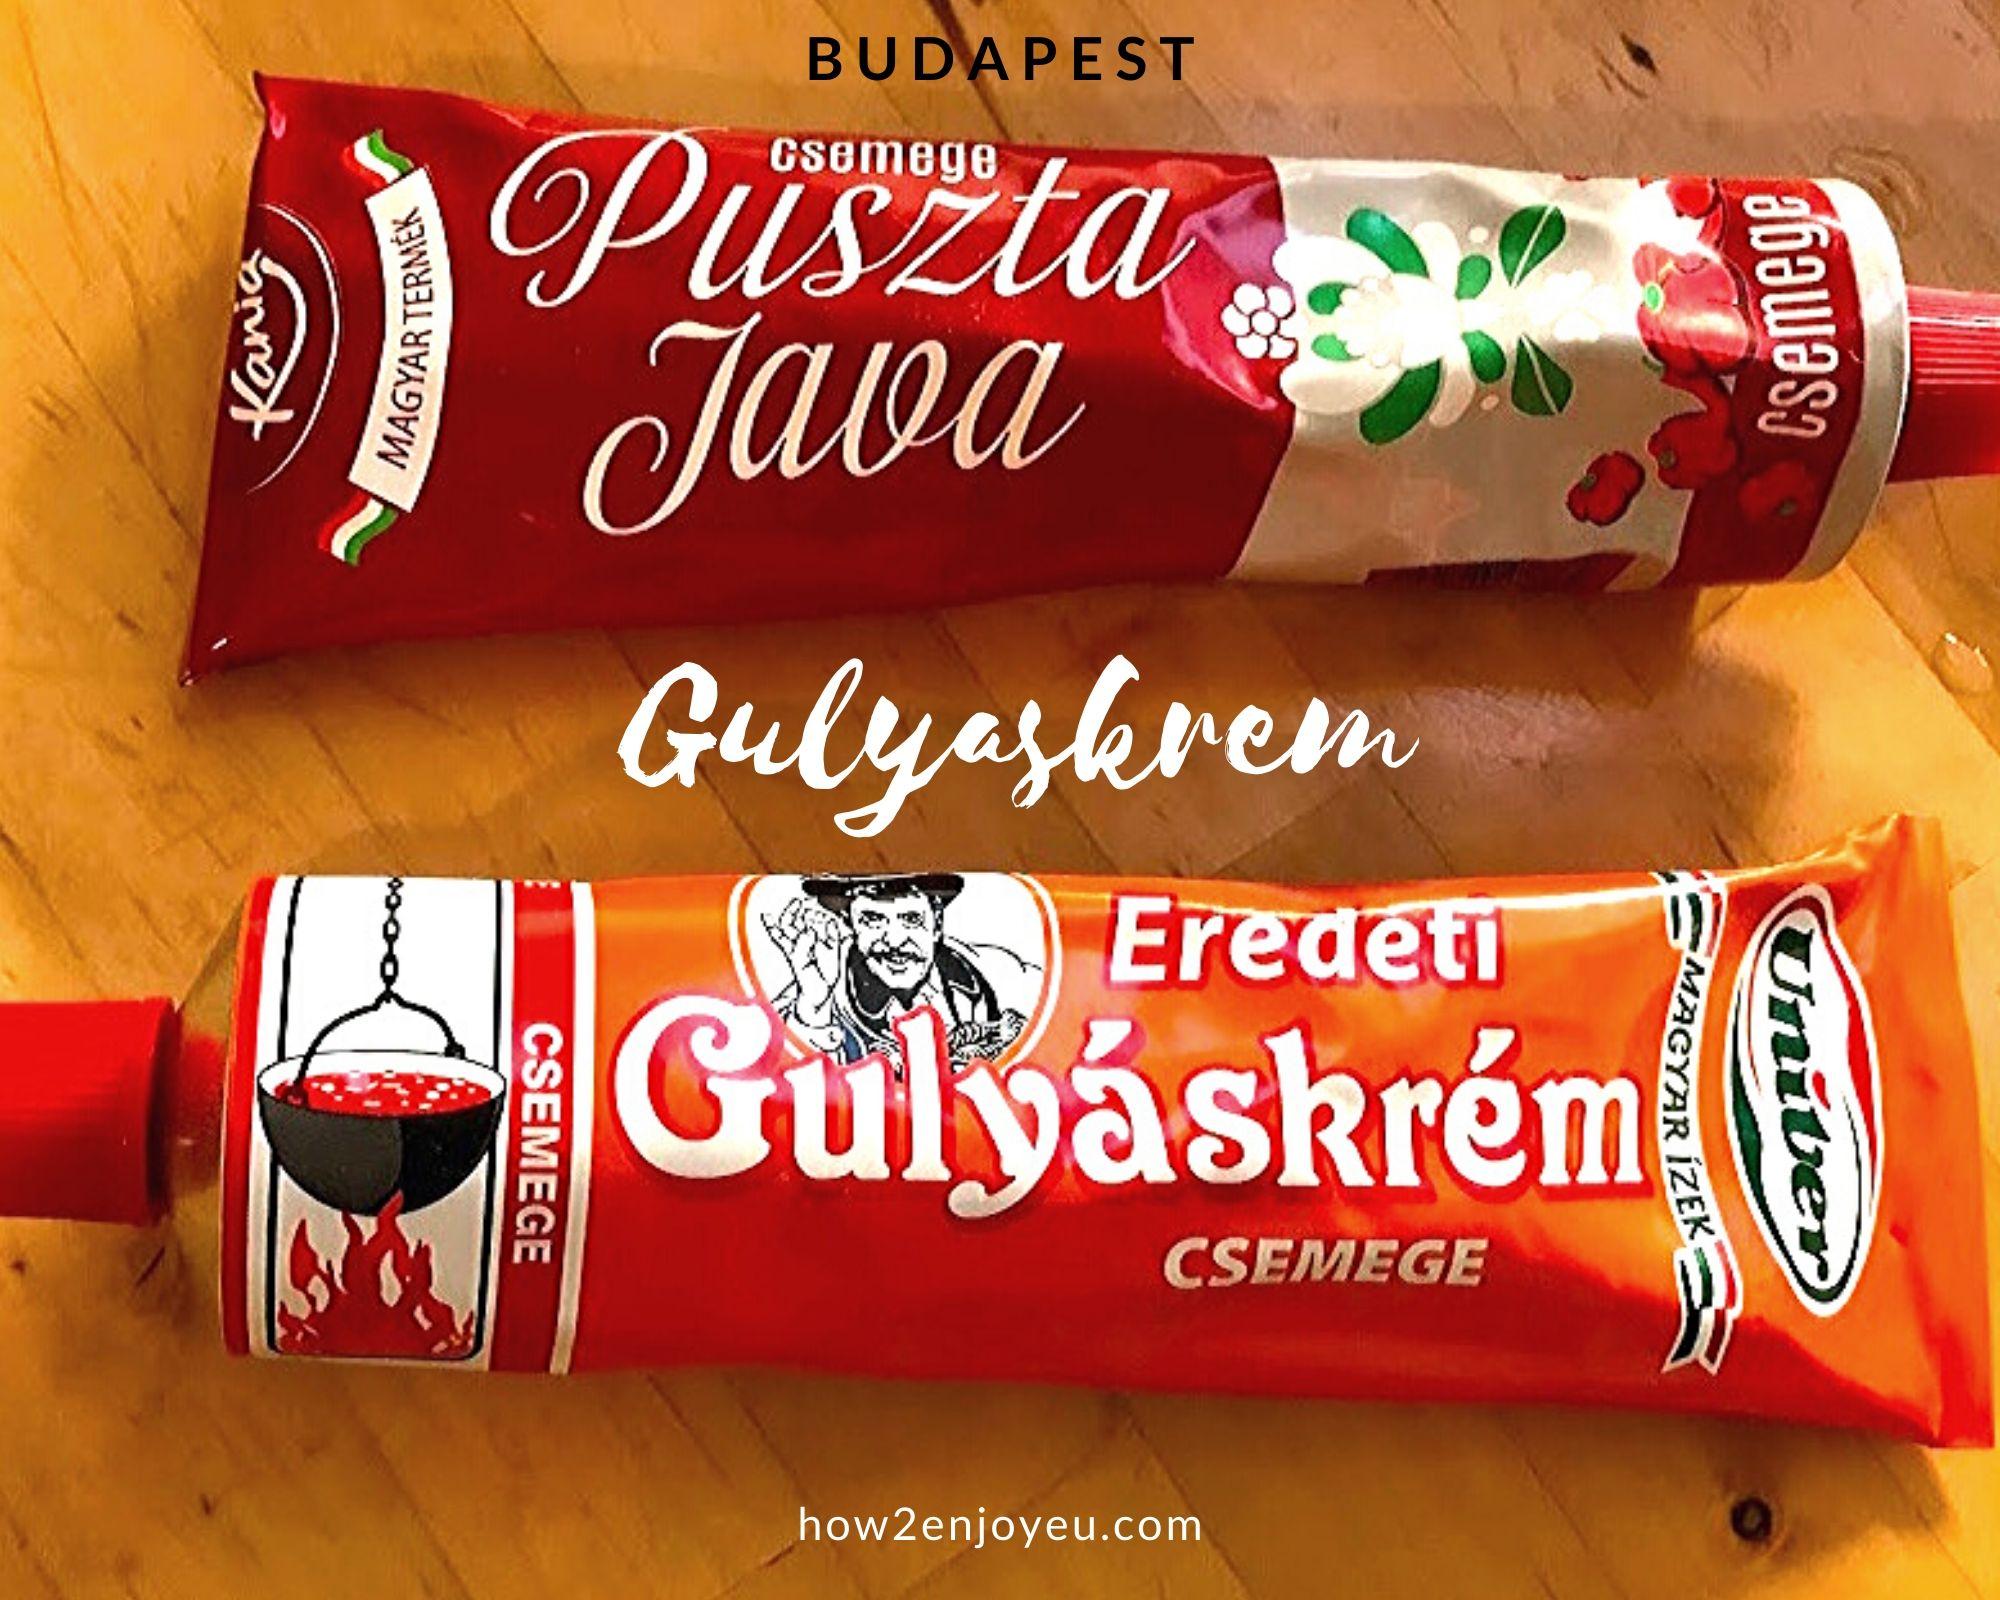 超お手頃価格のブダペスト土産、自宅で本格的なグヤーシュが子供でも作れた!